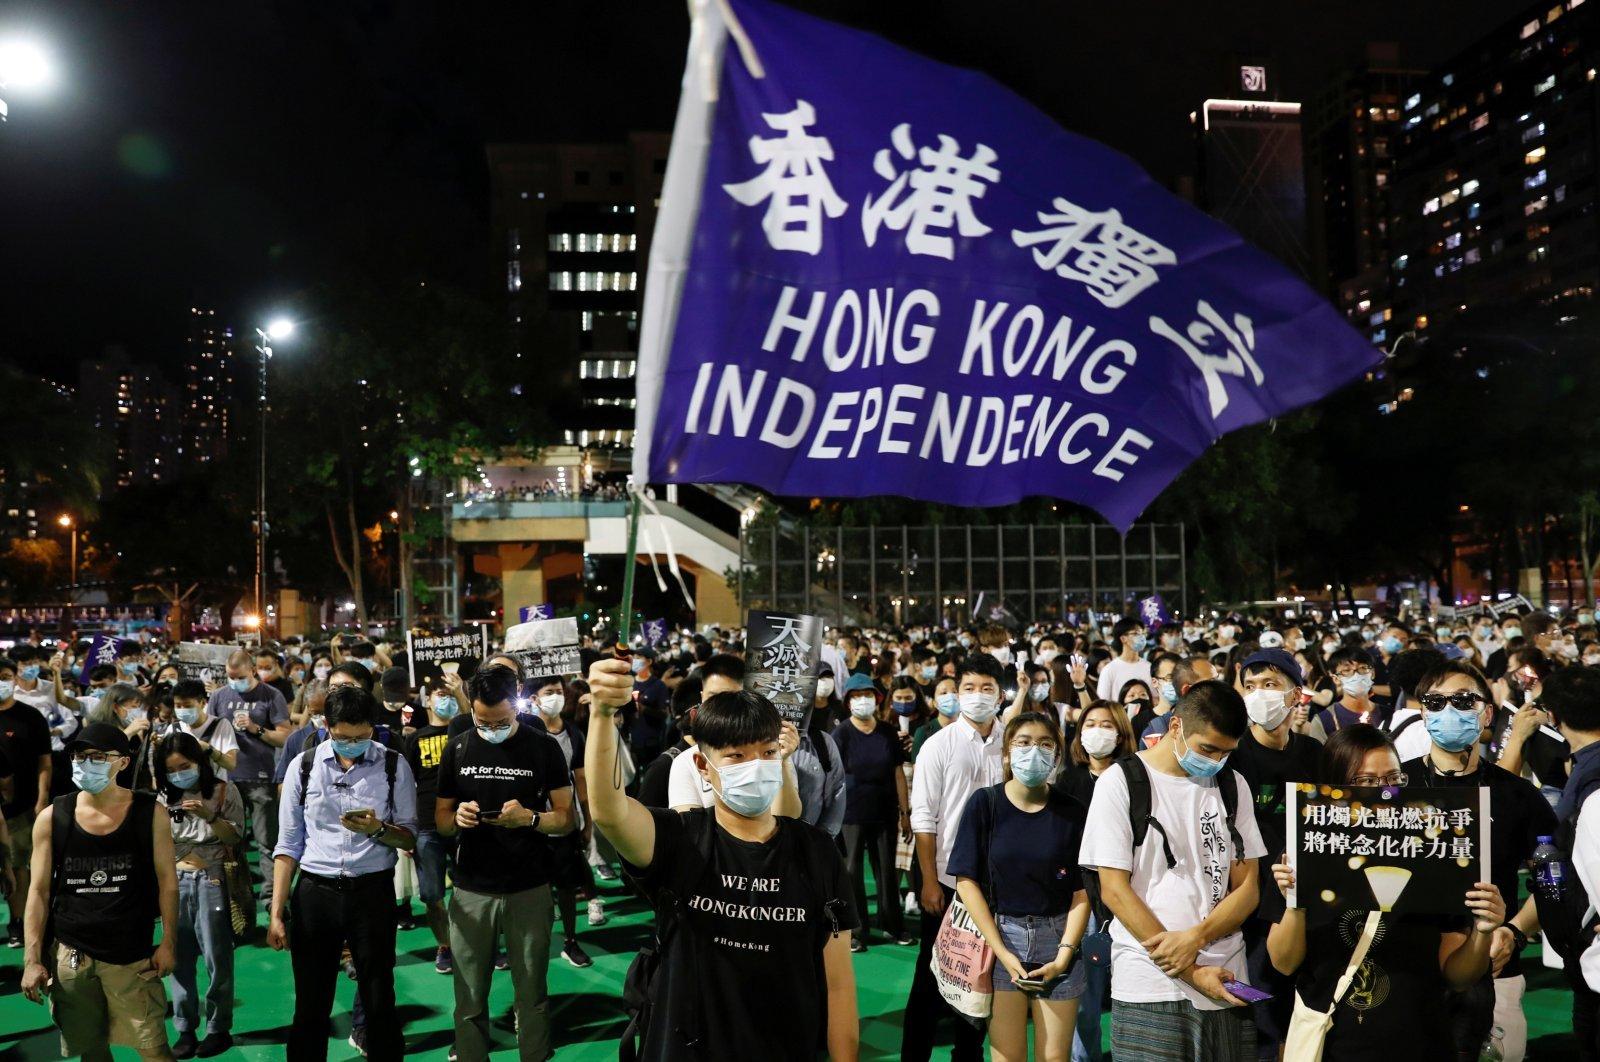 Хонконгийн үндэсний аюулгүй байдлыг хангах тухай хуулийн төсөл албан ёсоор хэрэгжиж эхэллээ